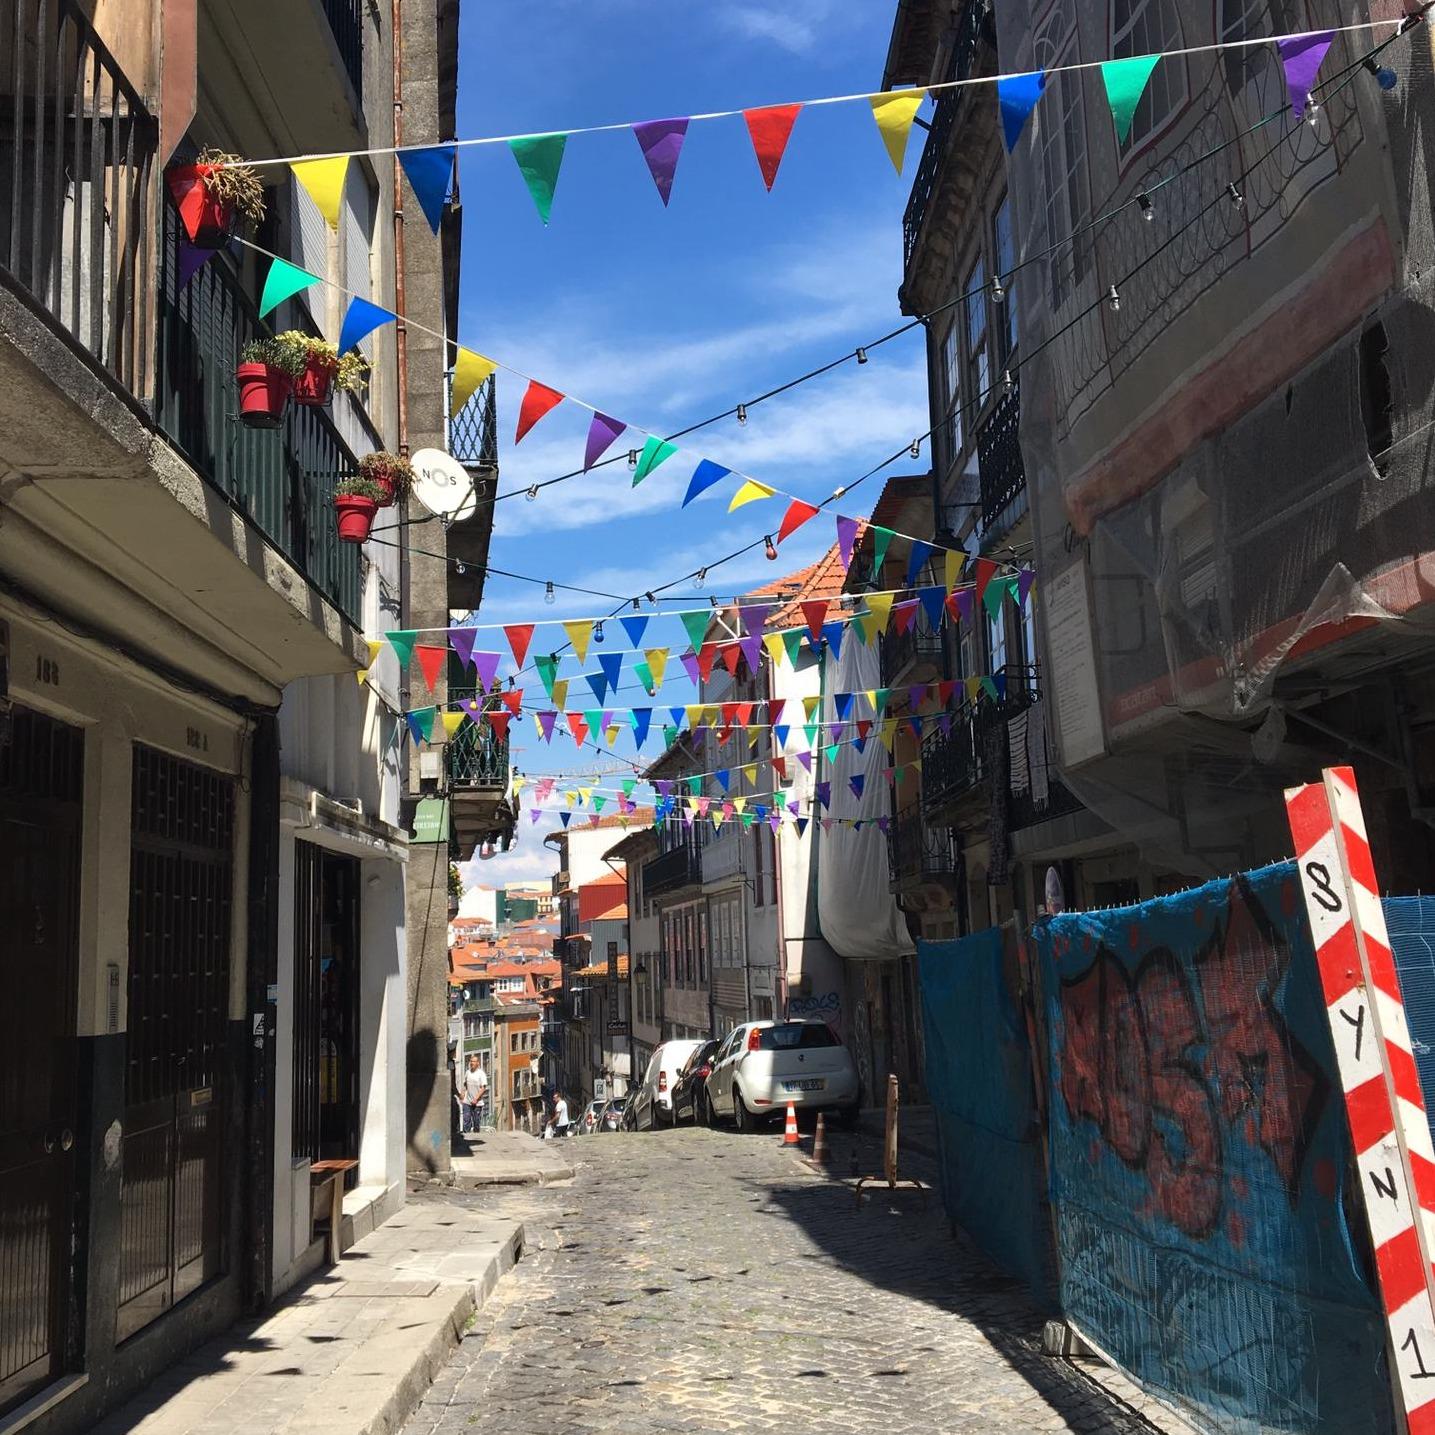 345 - É São João! É São João! A festa mais importante do Porto.